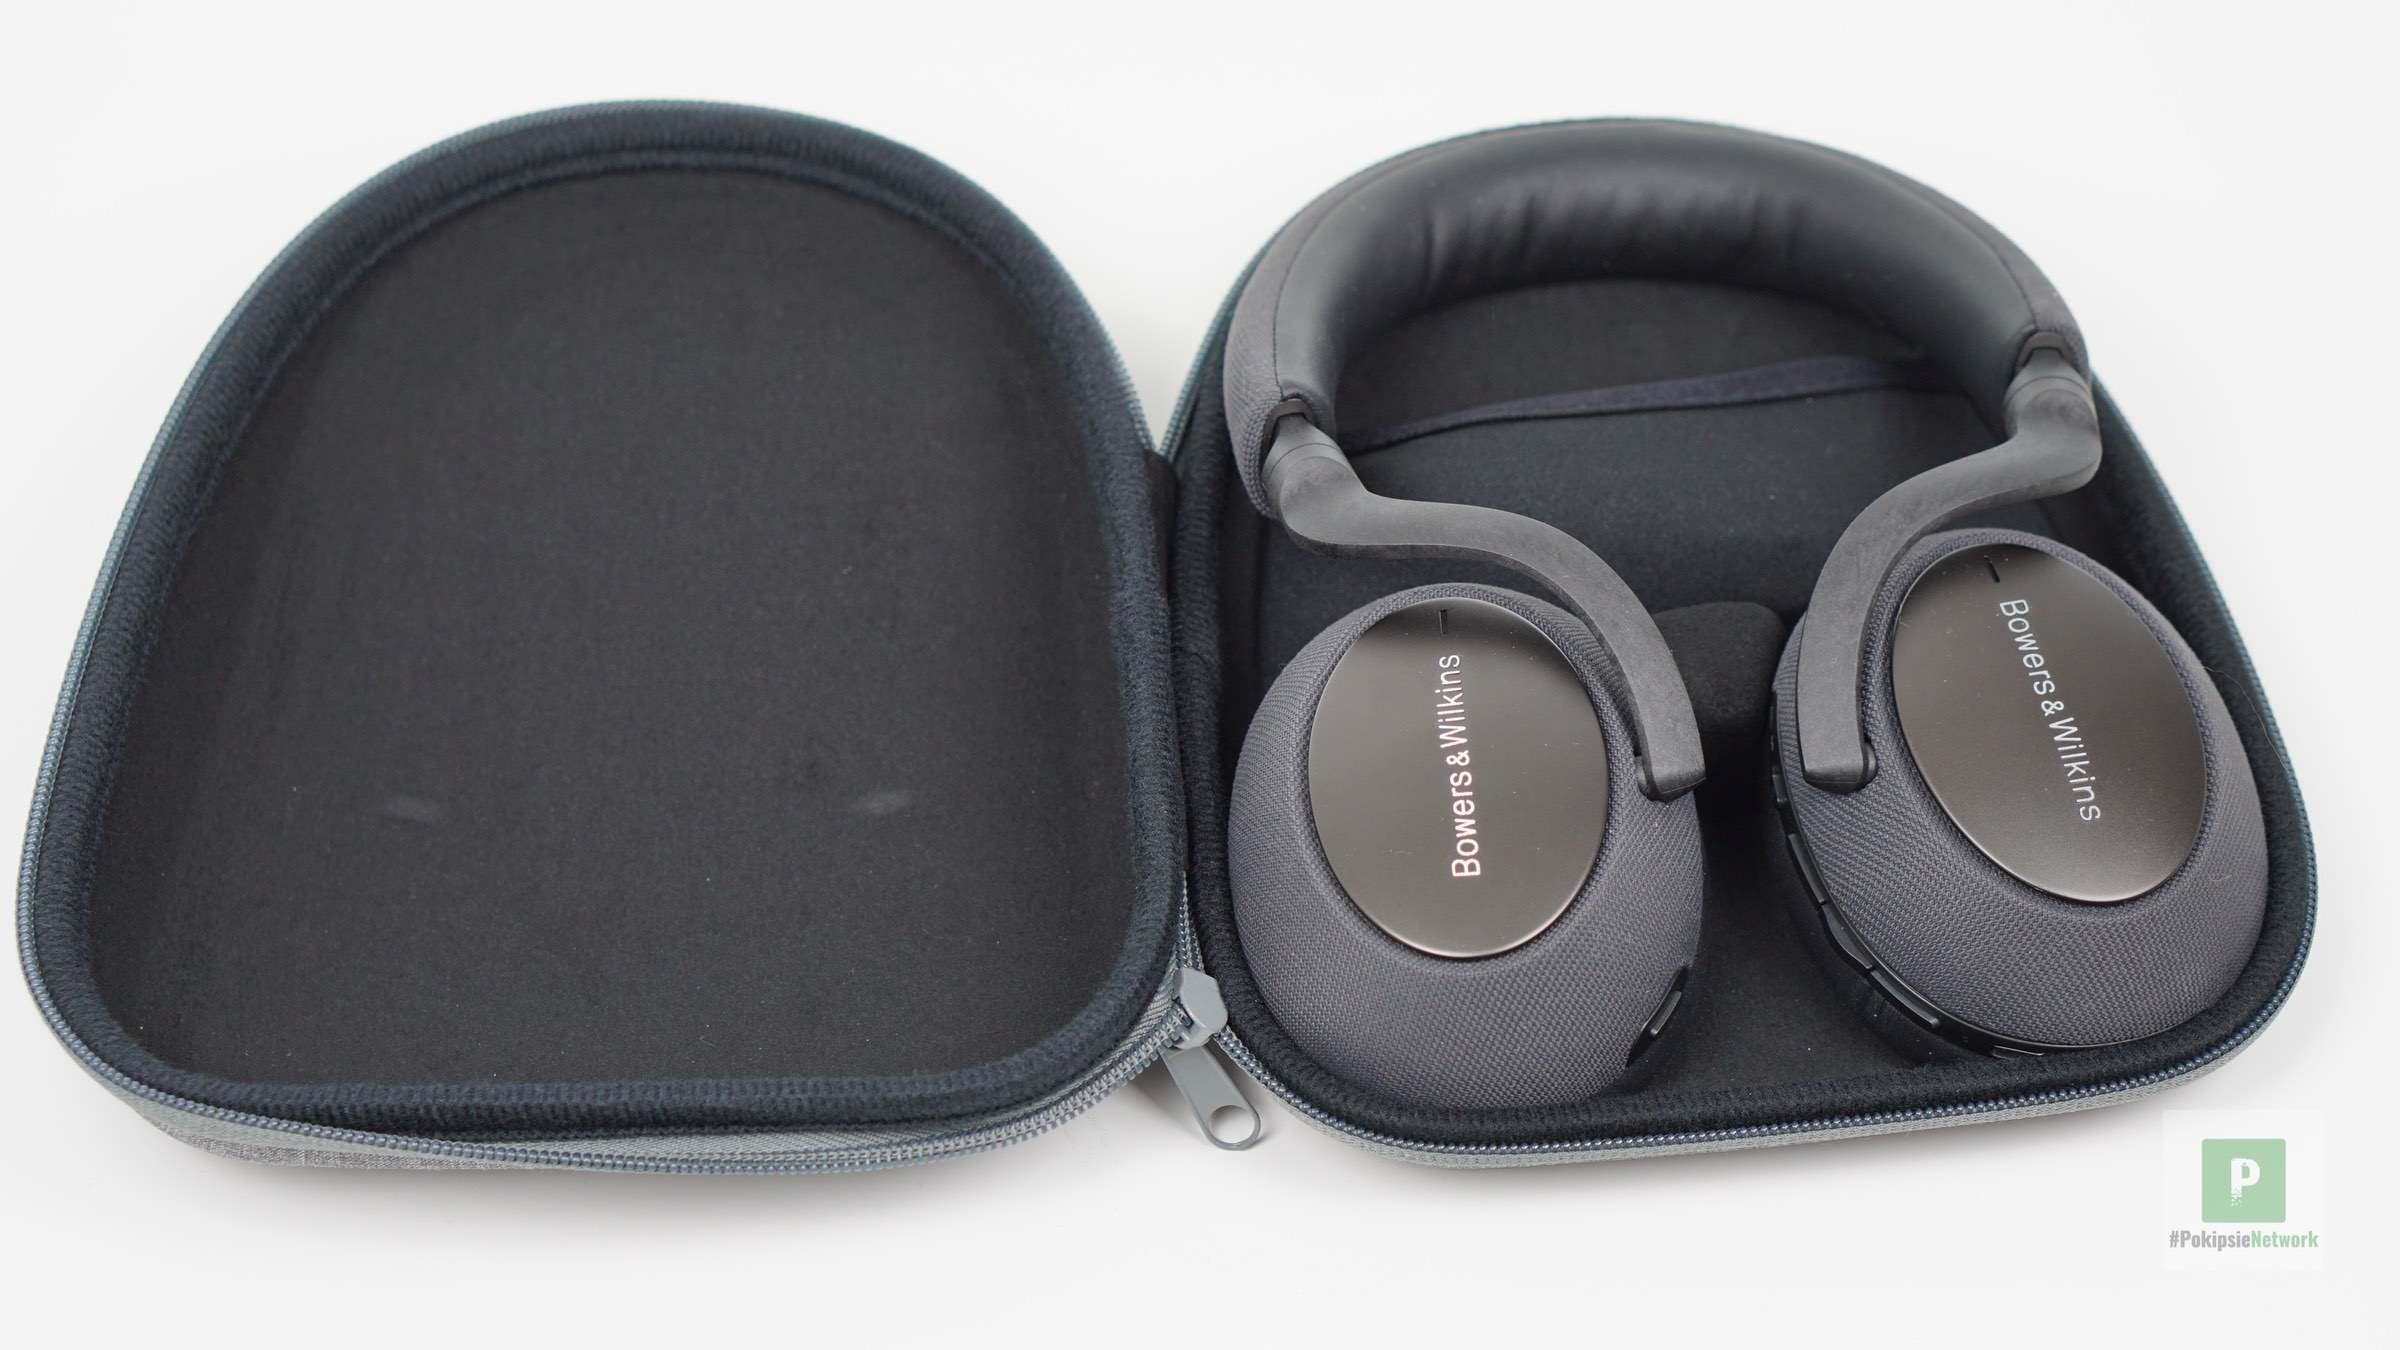 Kopfhörer im Hardcase